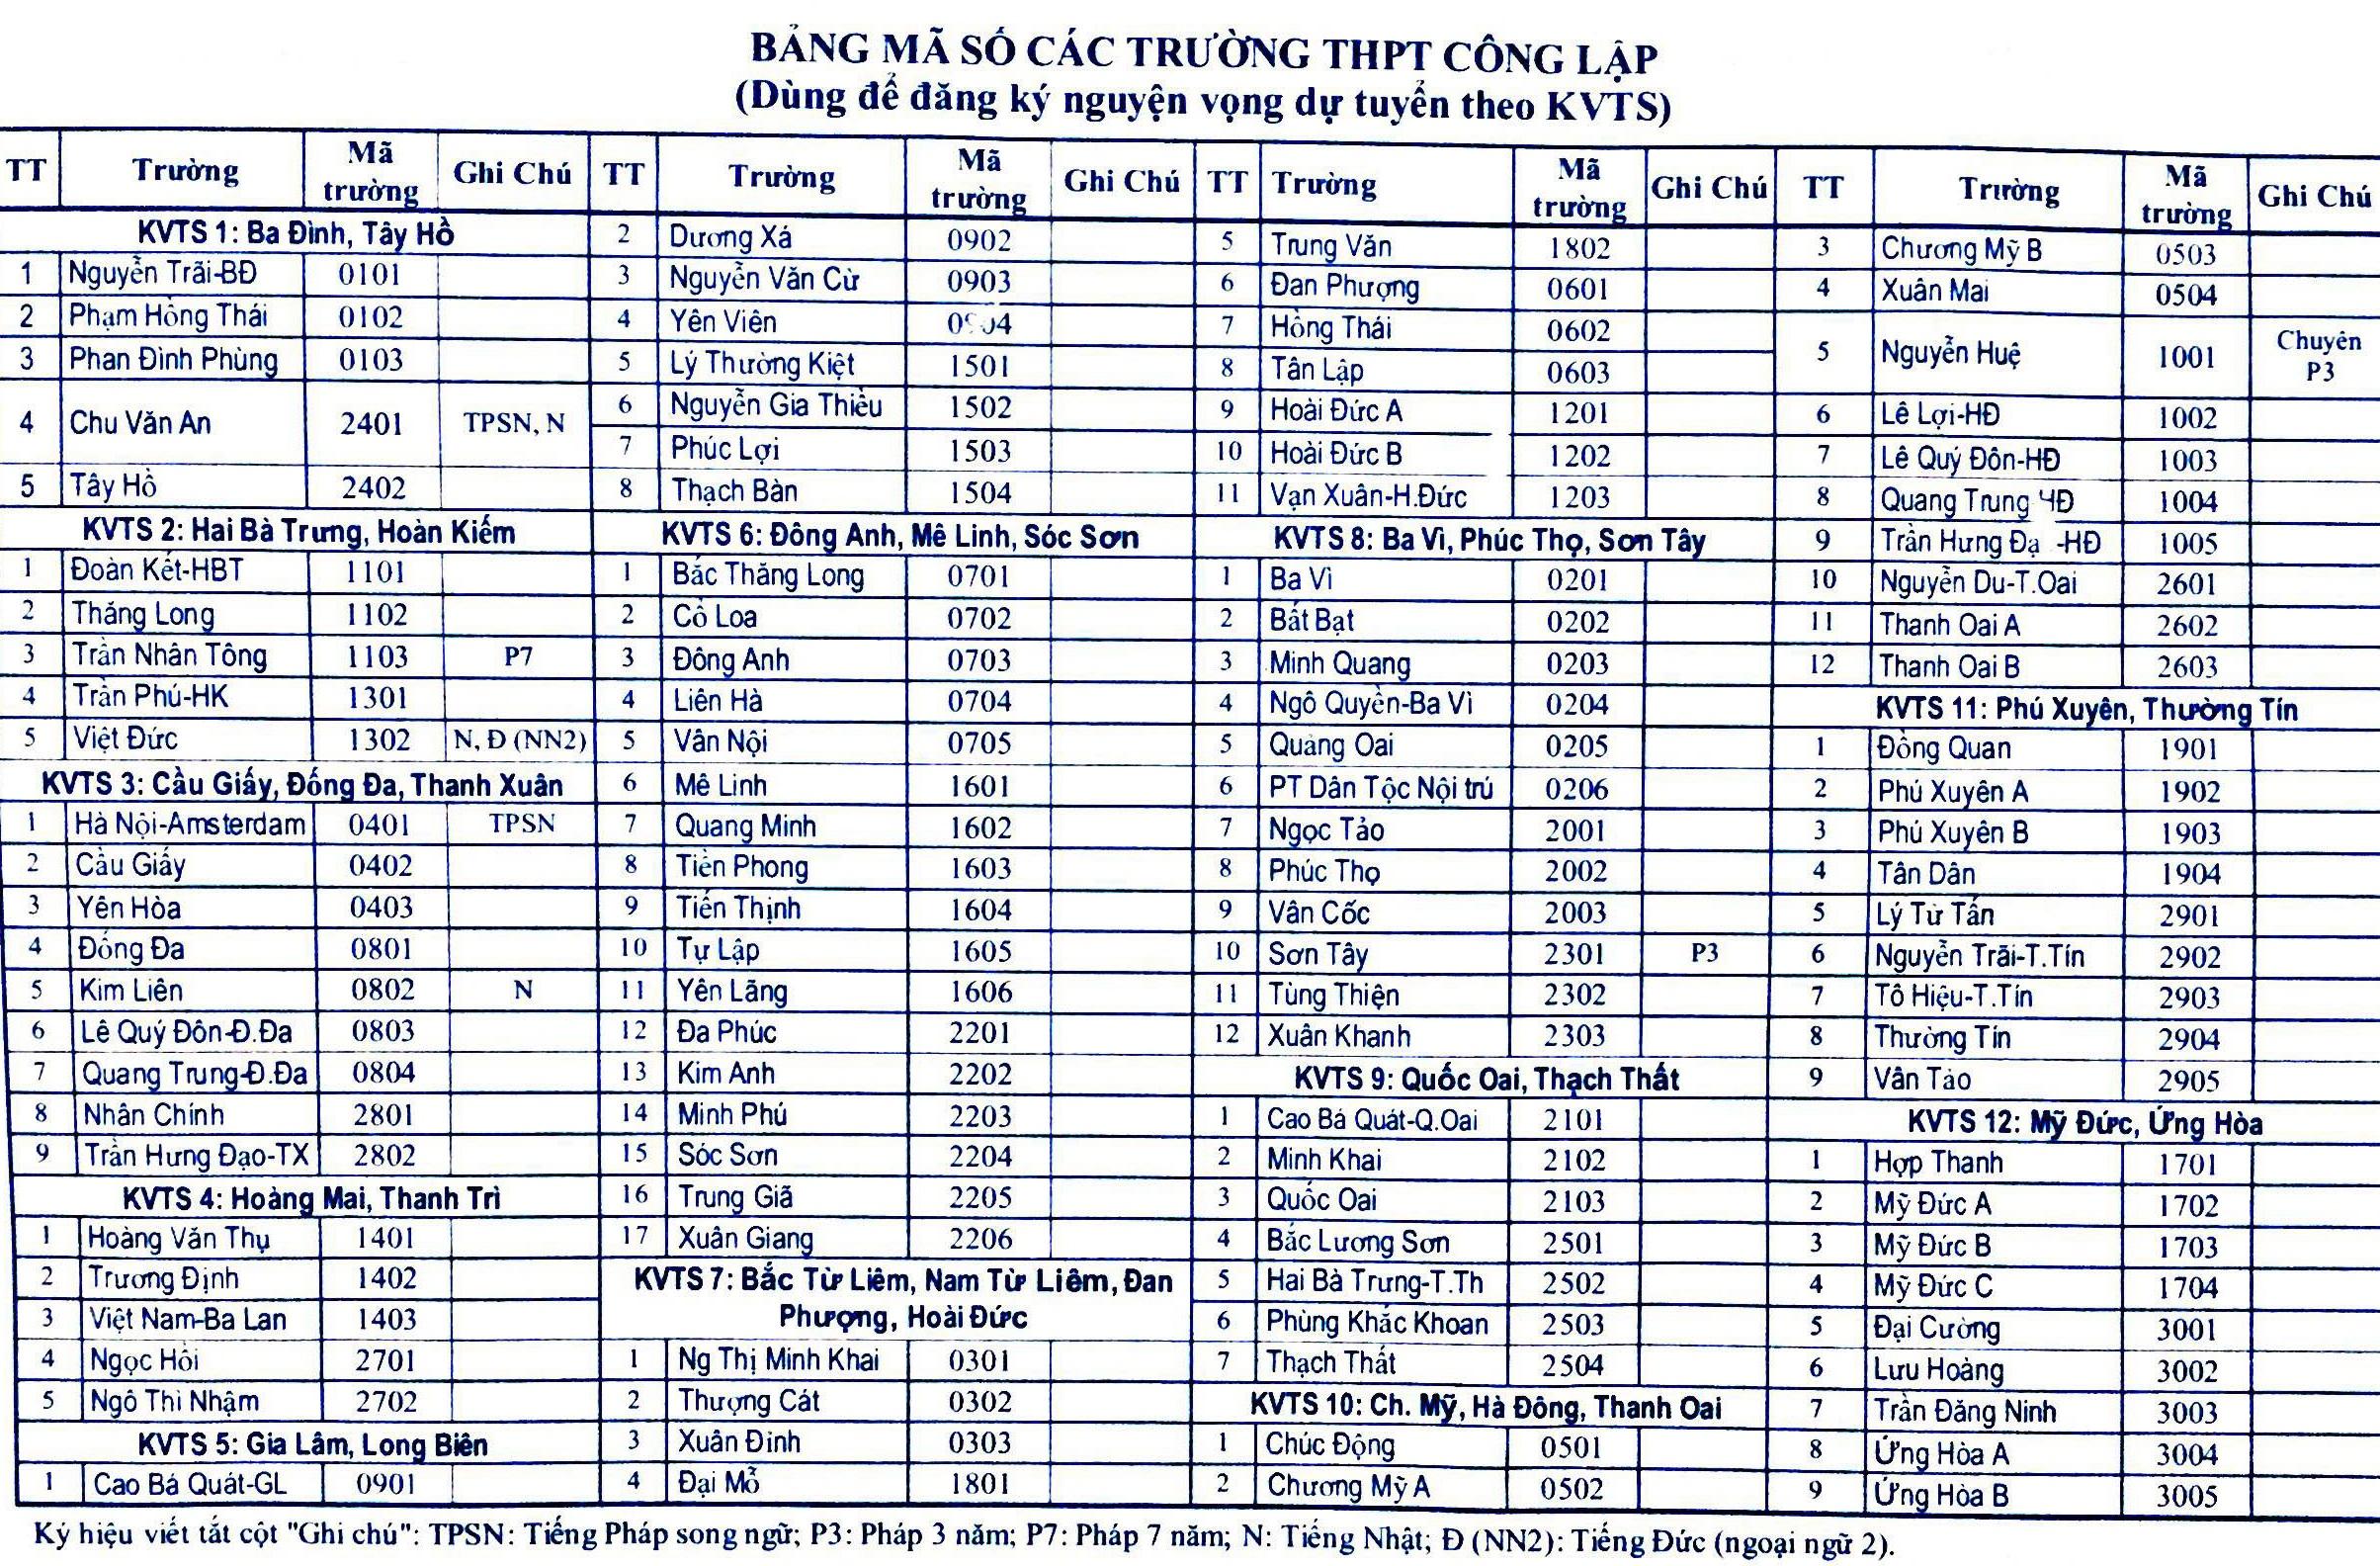 Danh sách 109 trường THPT công lập thuộc 12 khu vực tuyển sinh lớp 10 của Hà Nội